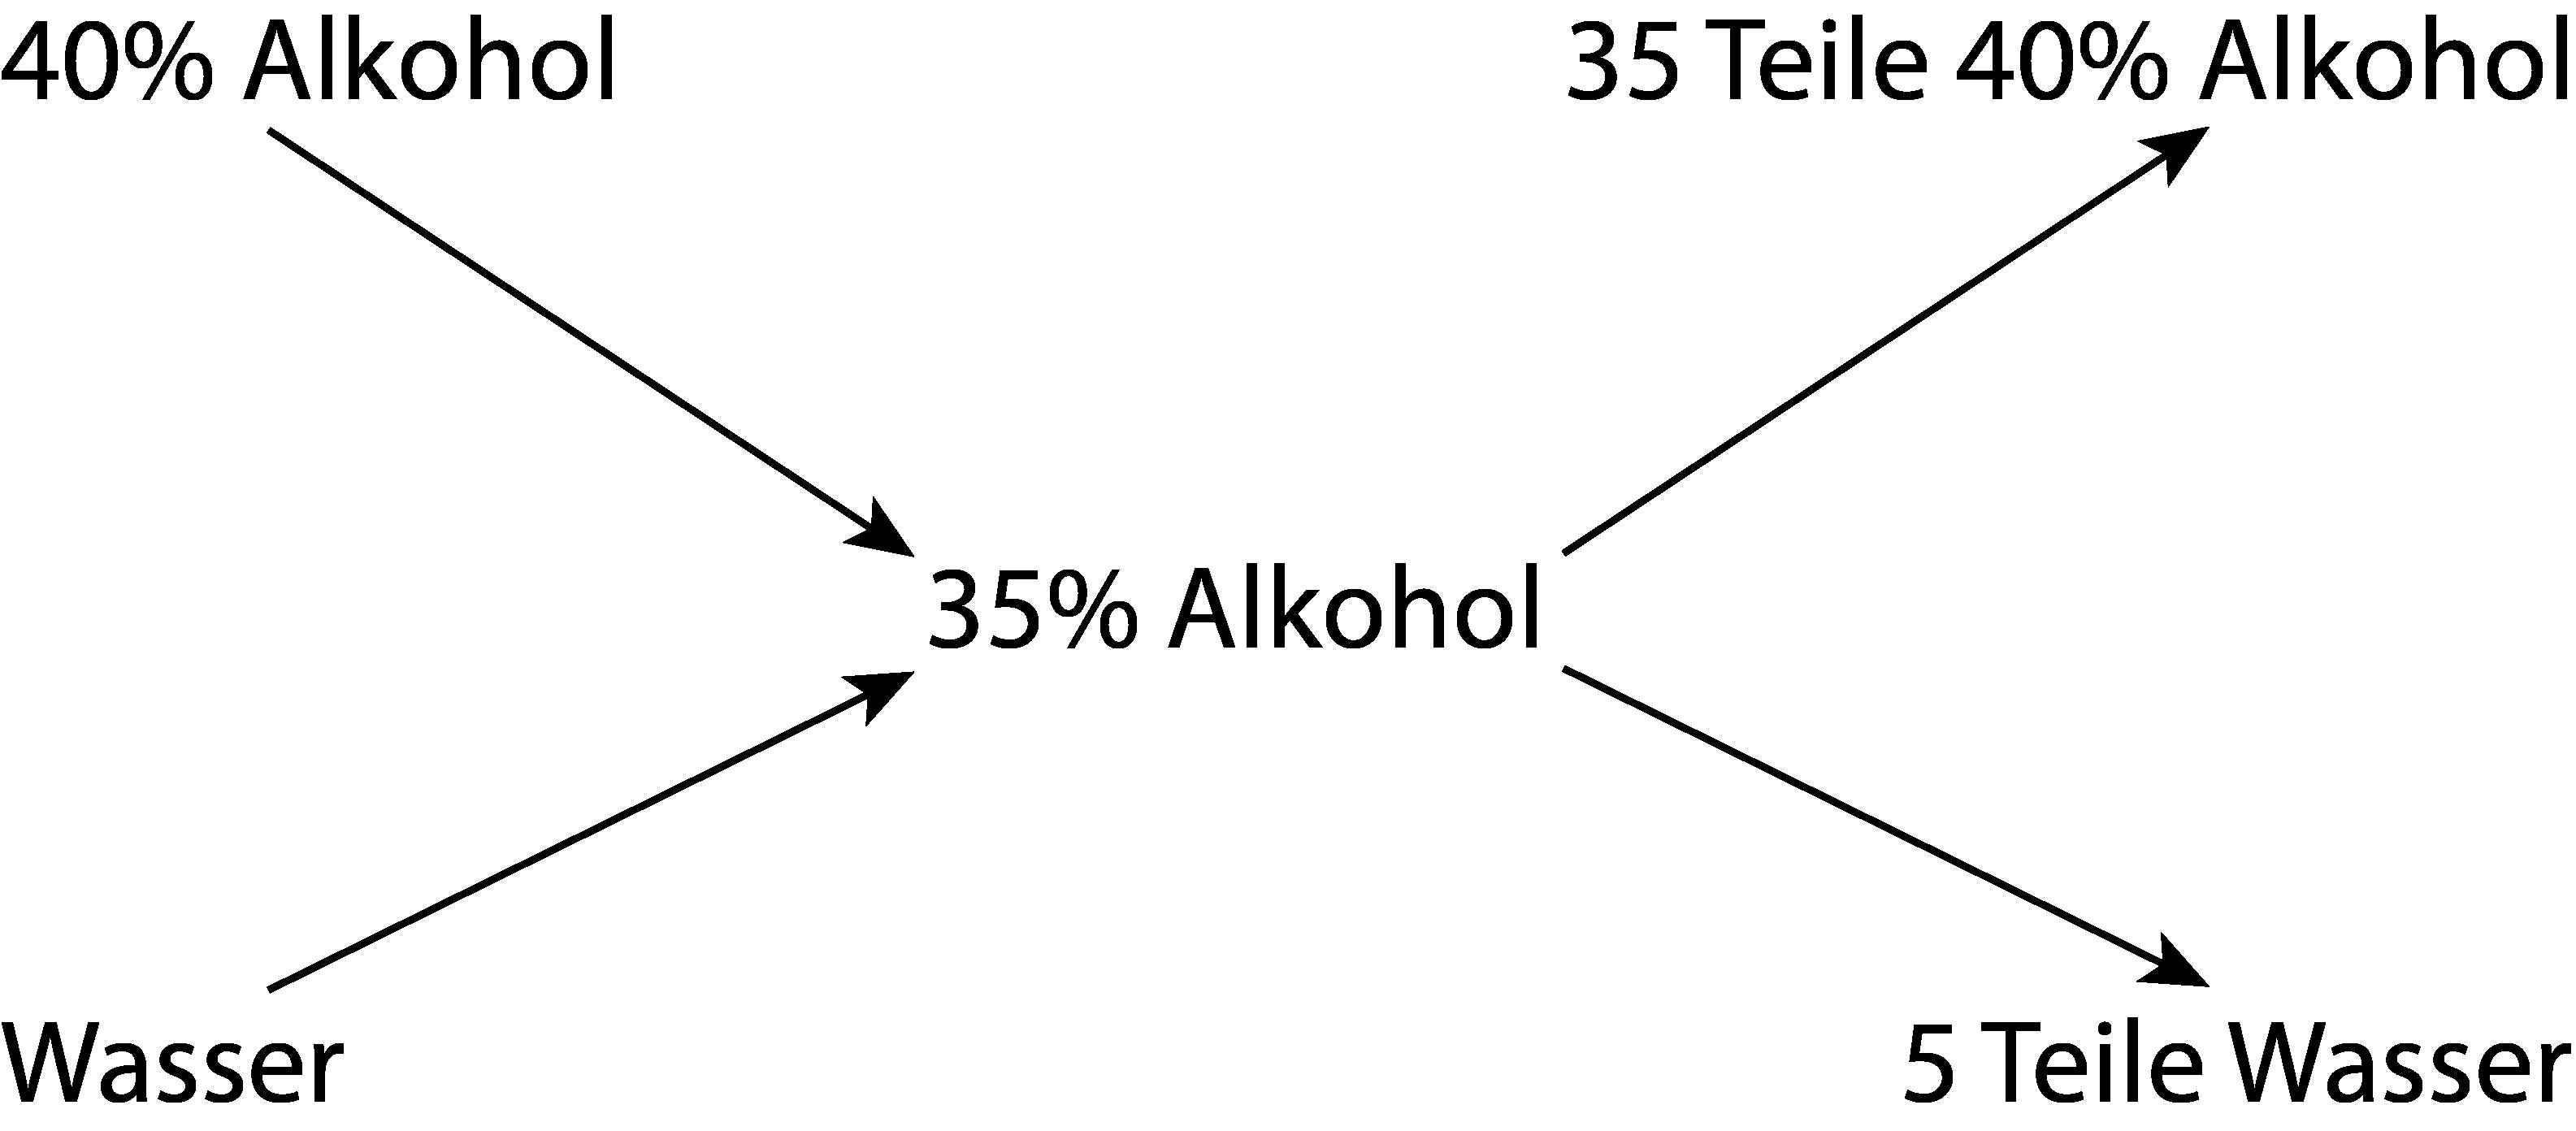 Kreuzregel zum Berechnen von anderem Alkoholgehalt